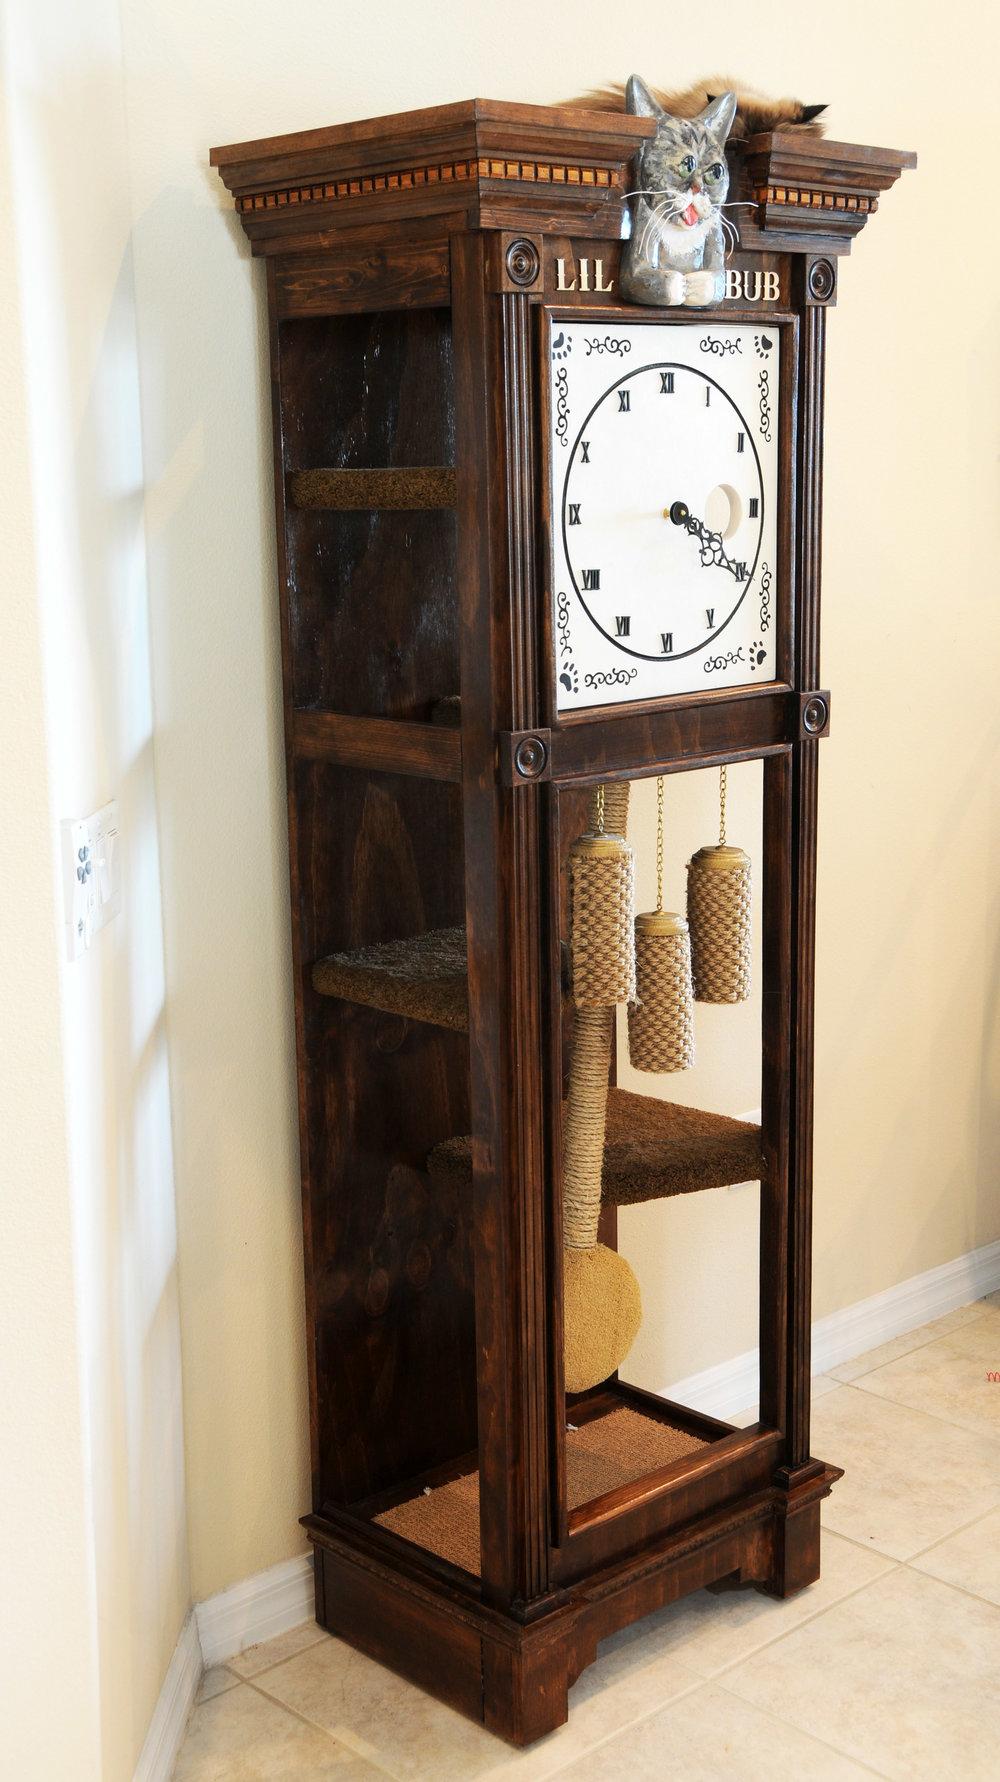 Sq-Paws-Bub-Clock-002.JPG